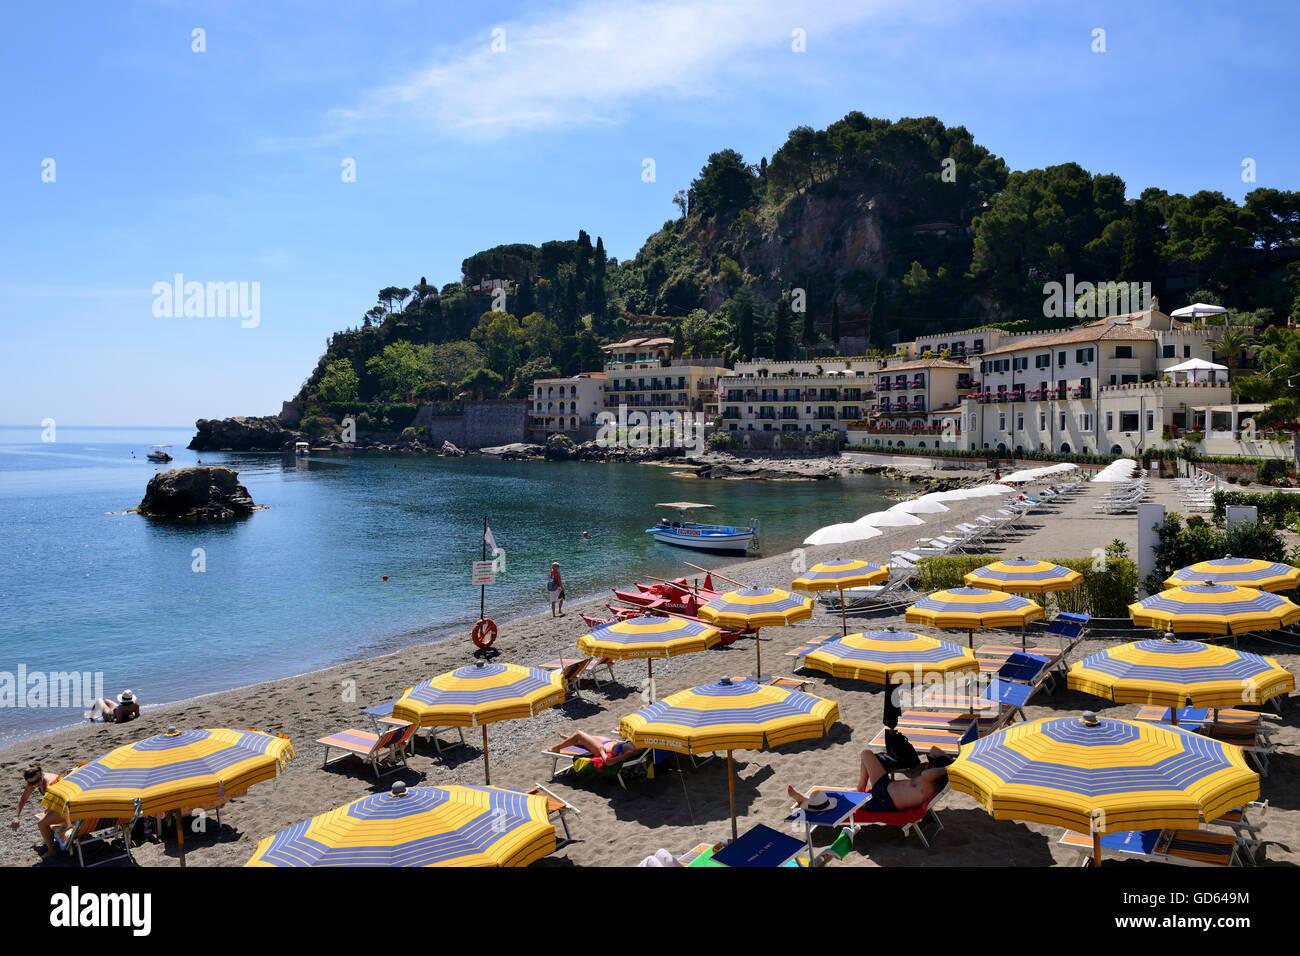 Mazzaro Beach - Taormina, Sicily, Italy - Stock Image